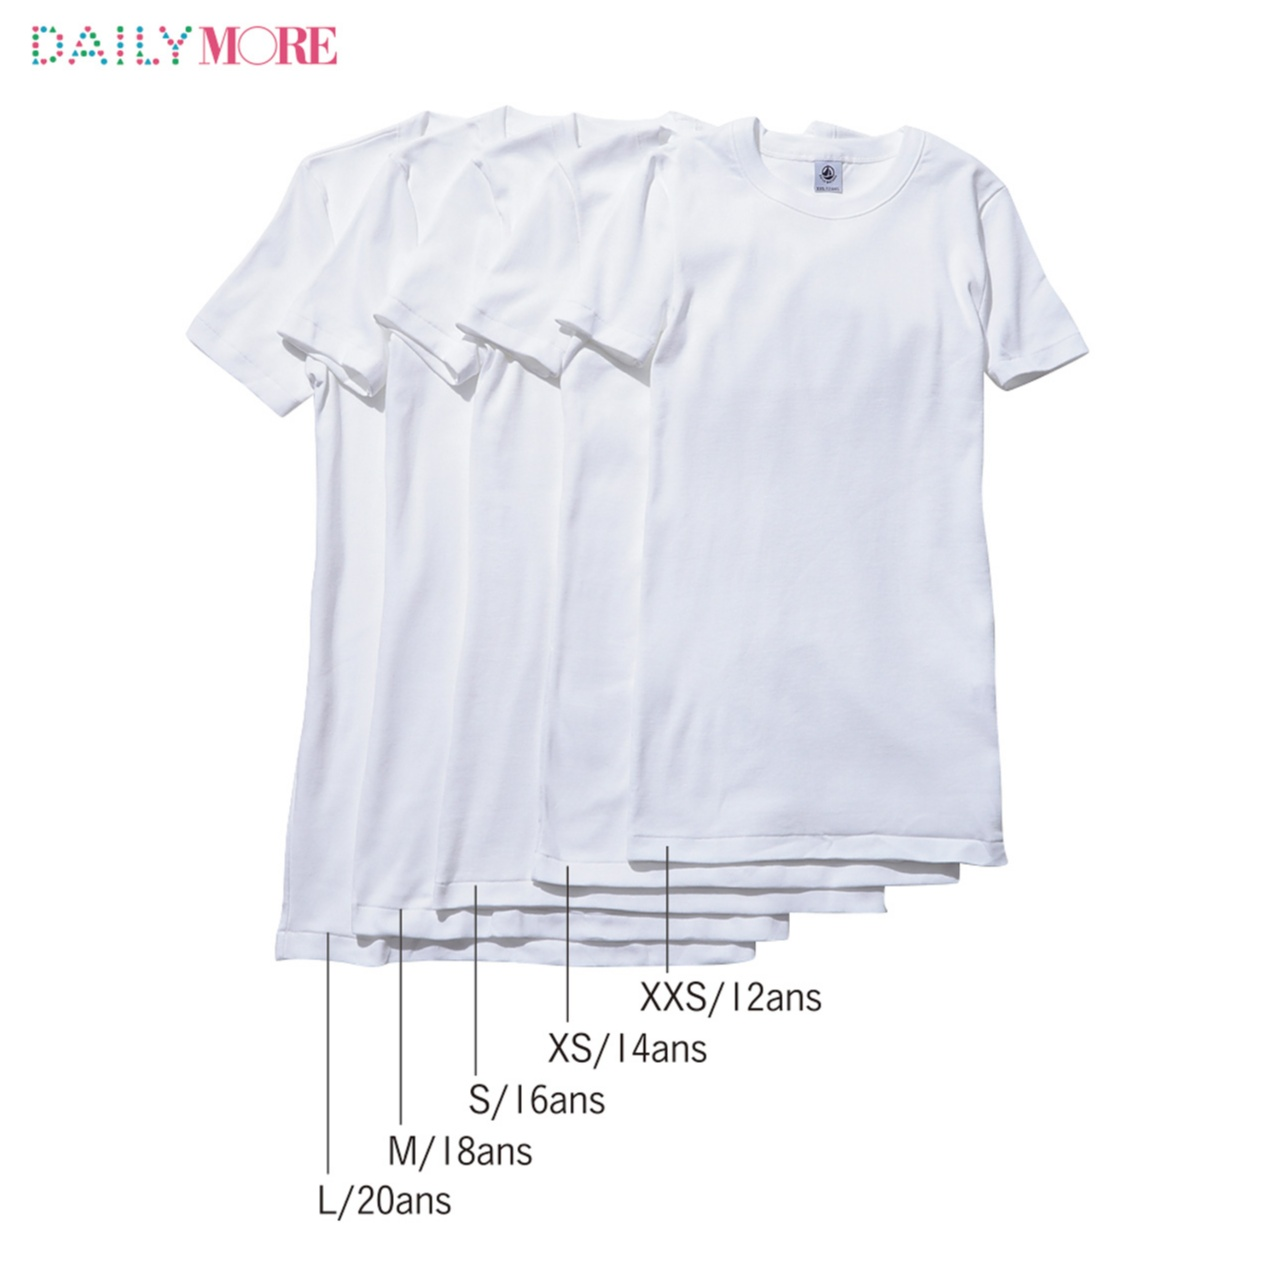 今年、キテます! 着るだけで、パリっぽくなれる【プチバトー】のTシャツを徹底解剖!_2_2